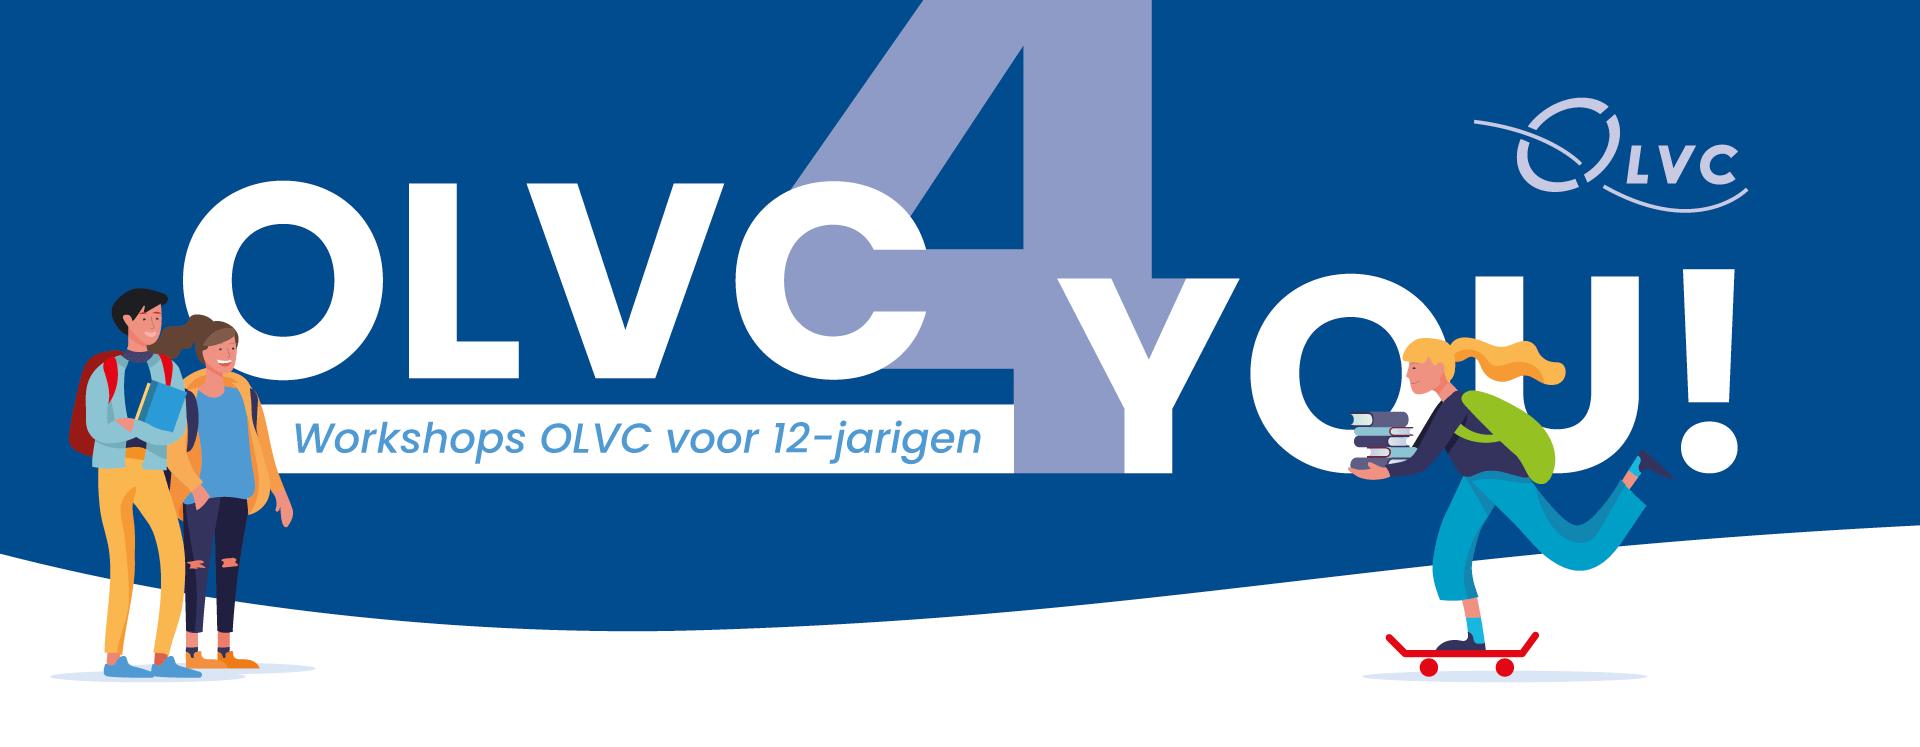 Olvc Nieuwsbericht Workshops 12j Header